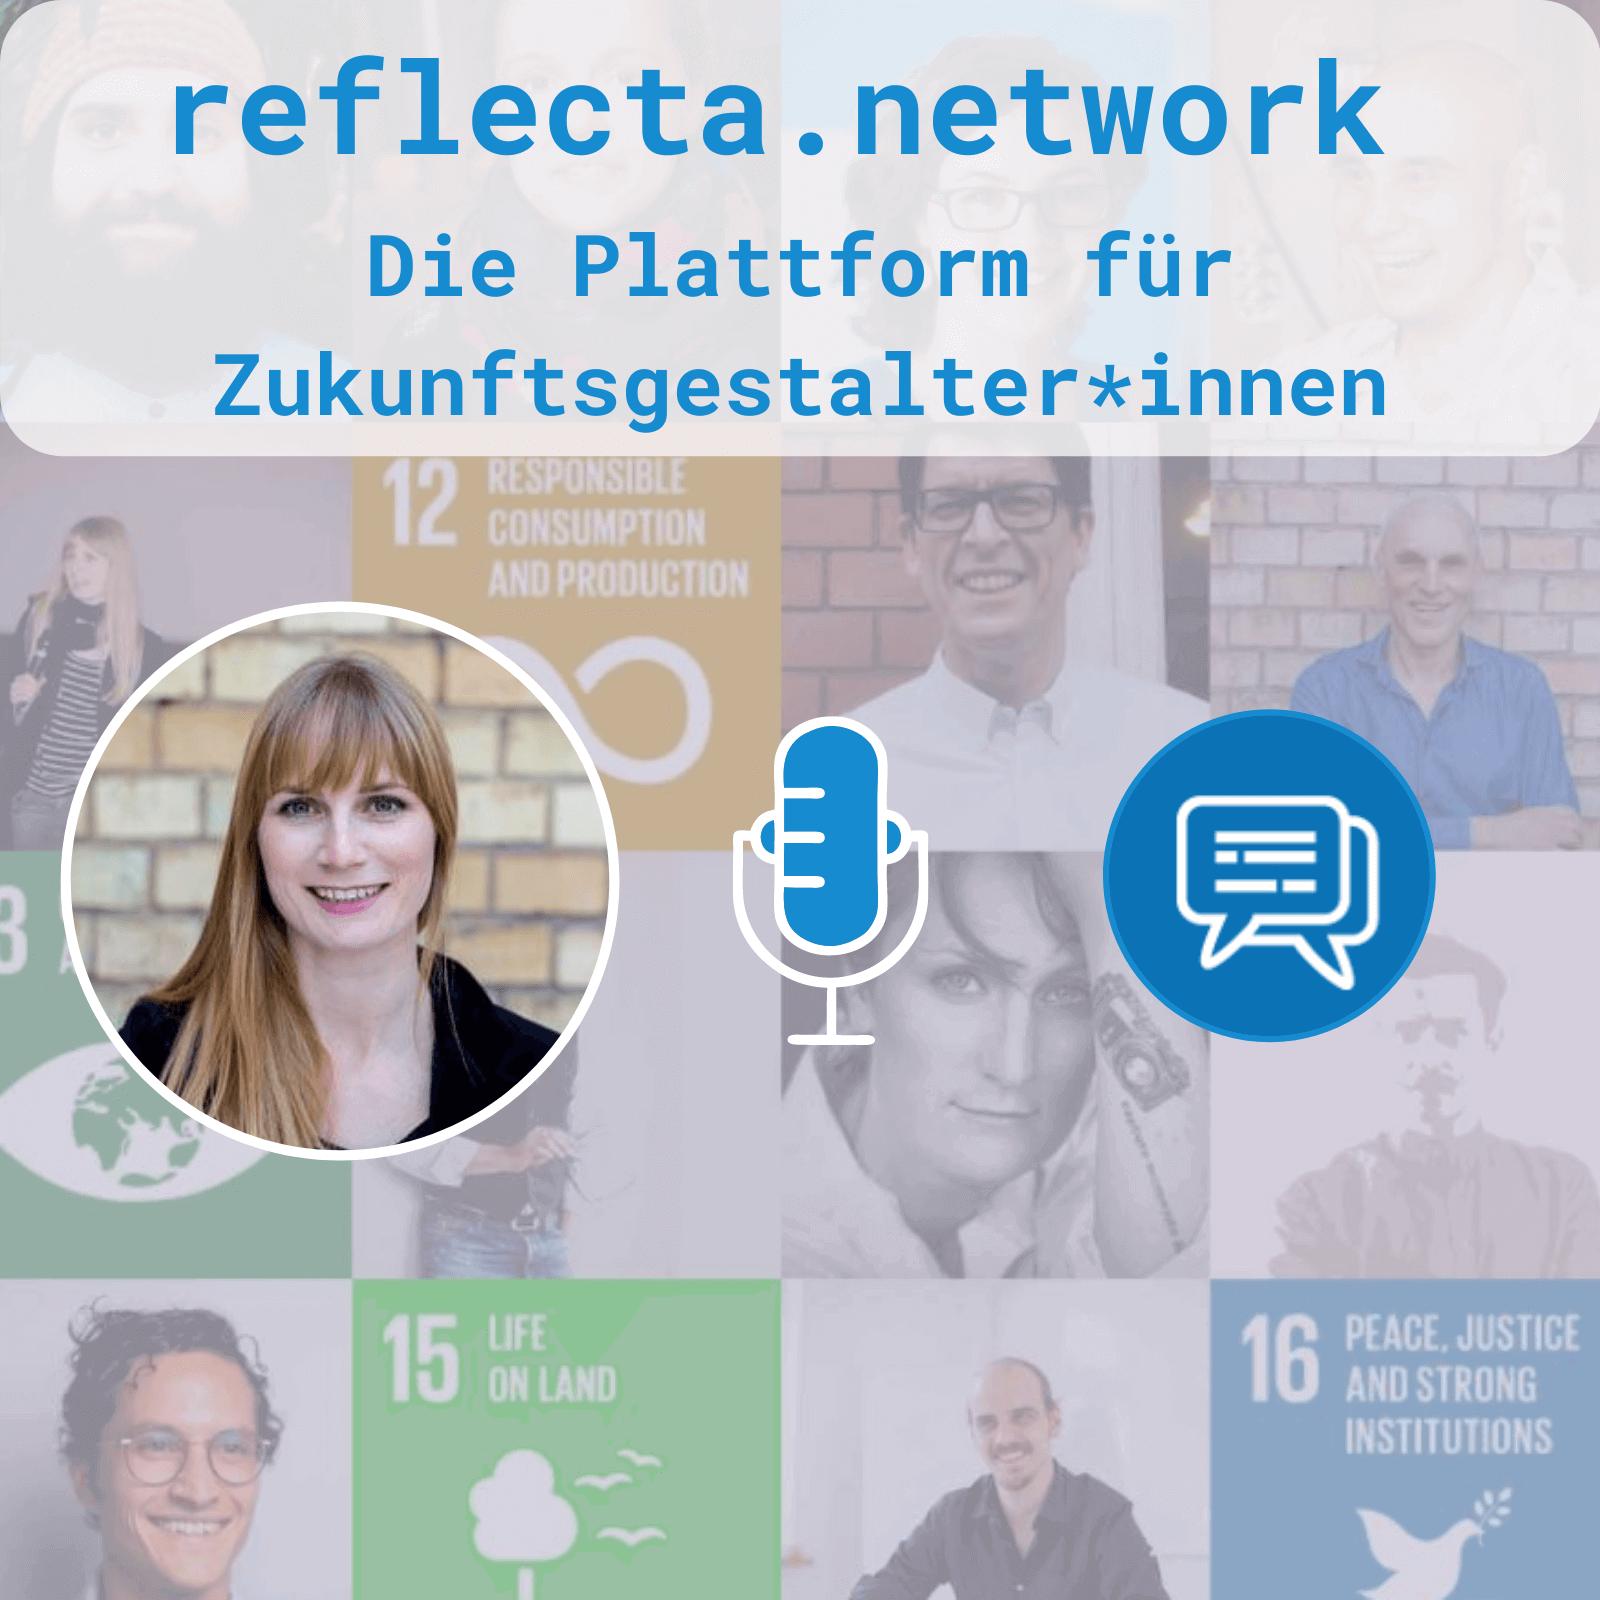 reflecta.network: Die Plattform für Zukunftsgestalter*innen